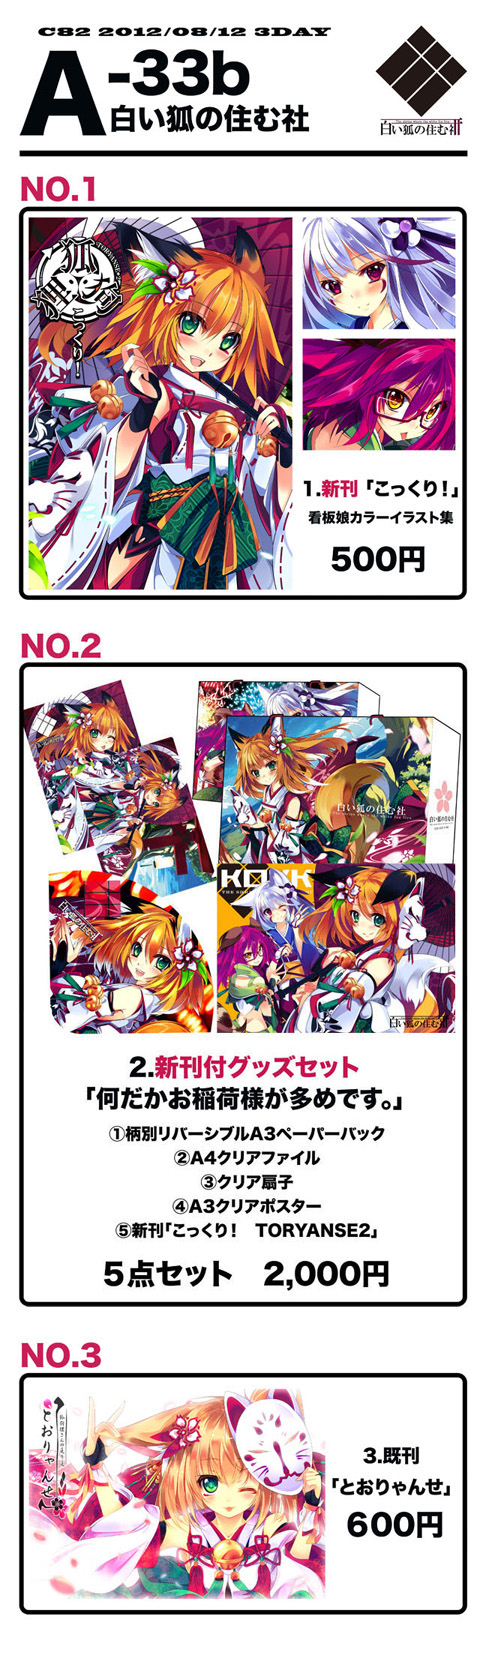 c82kokkuchi2.jpg